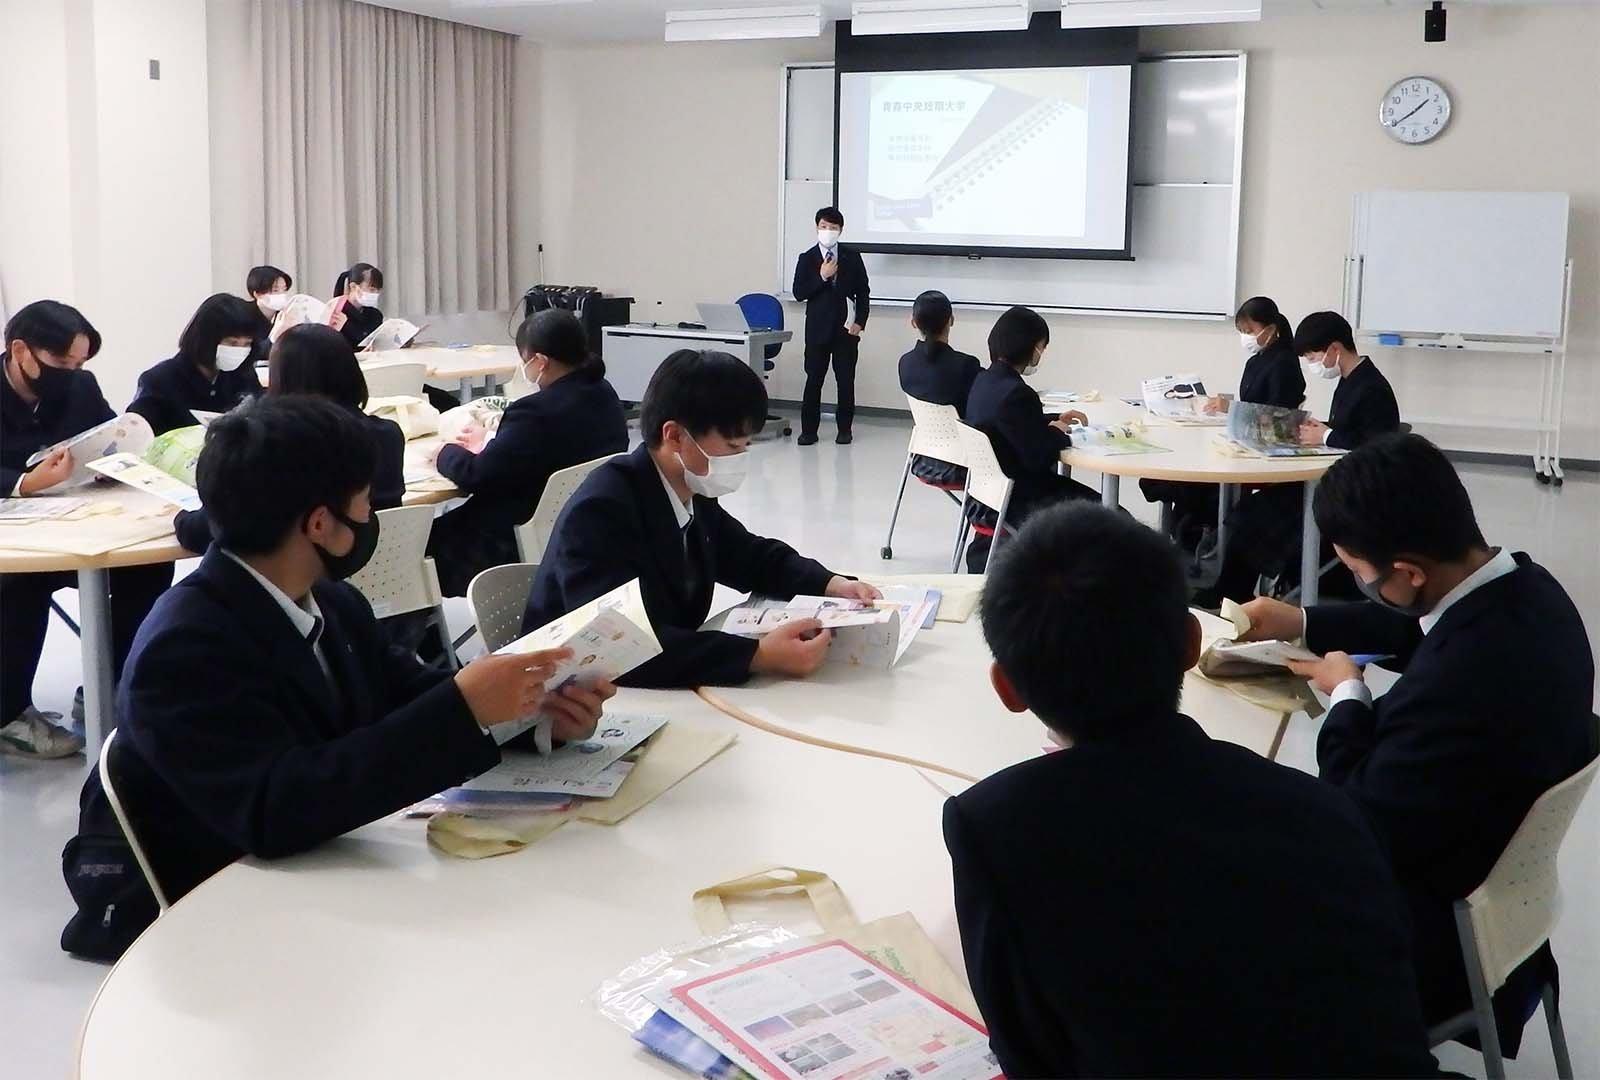 五所川原農林高校1年生が学校見学に来ました